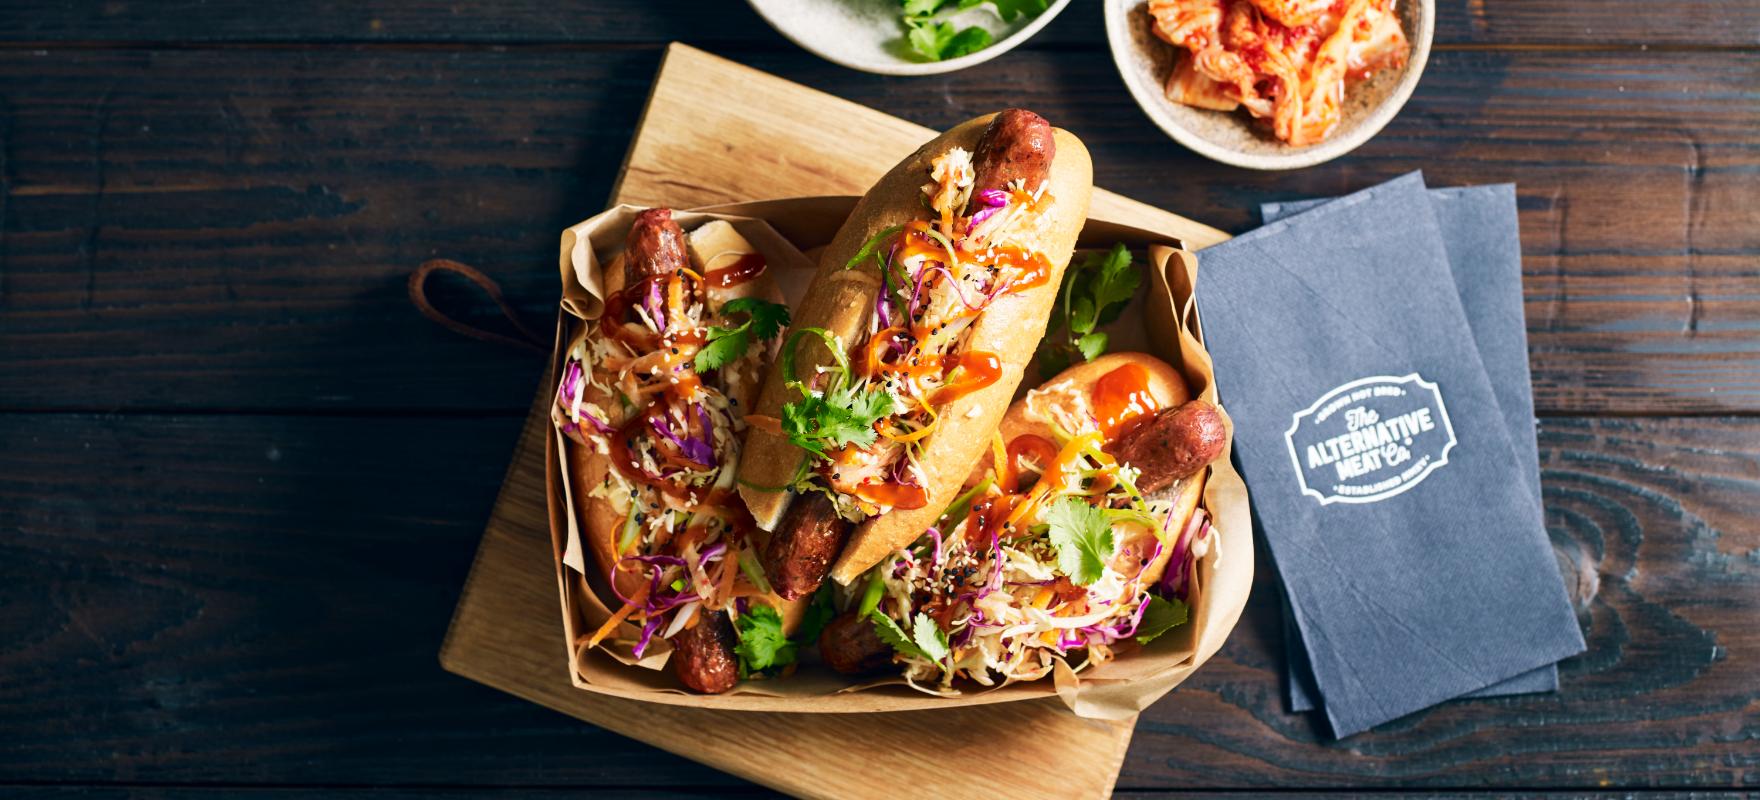 Vegan hot dog with kimchi slaw image 1